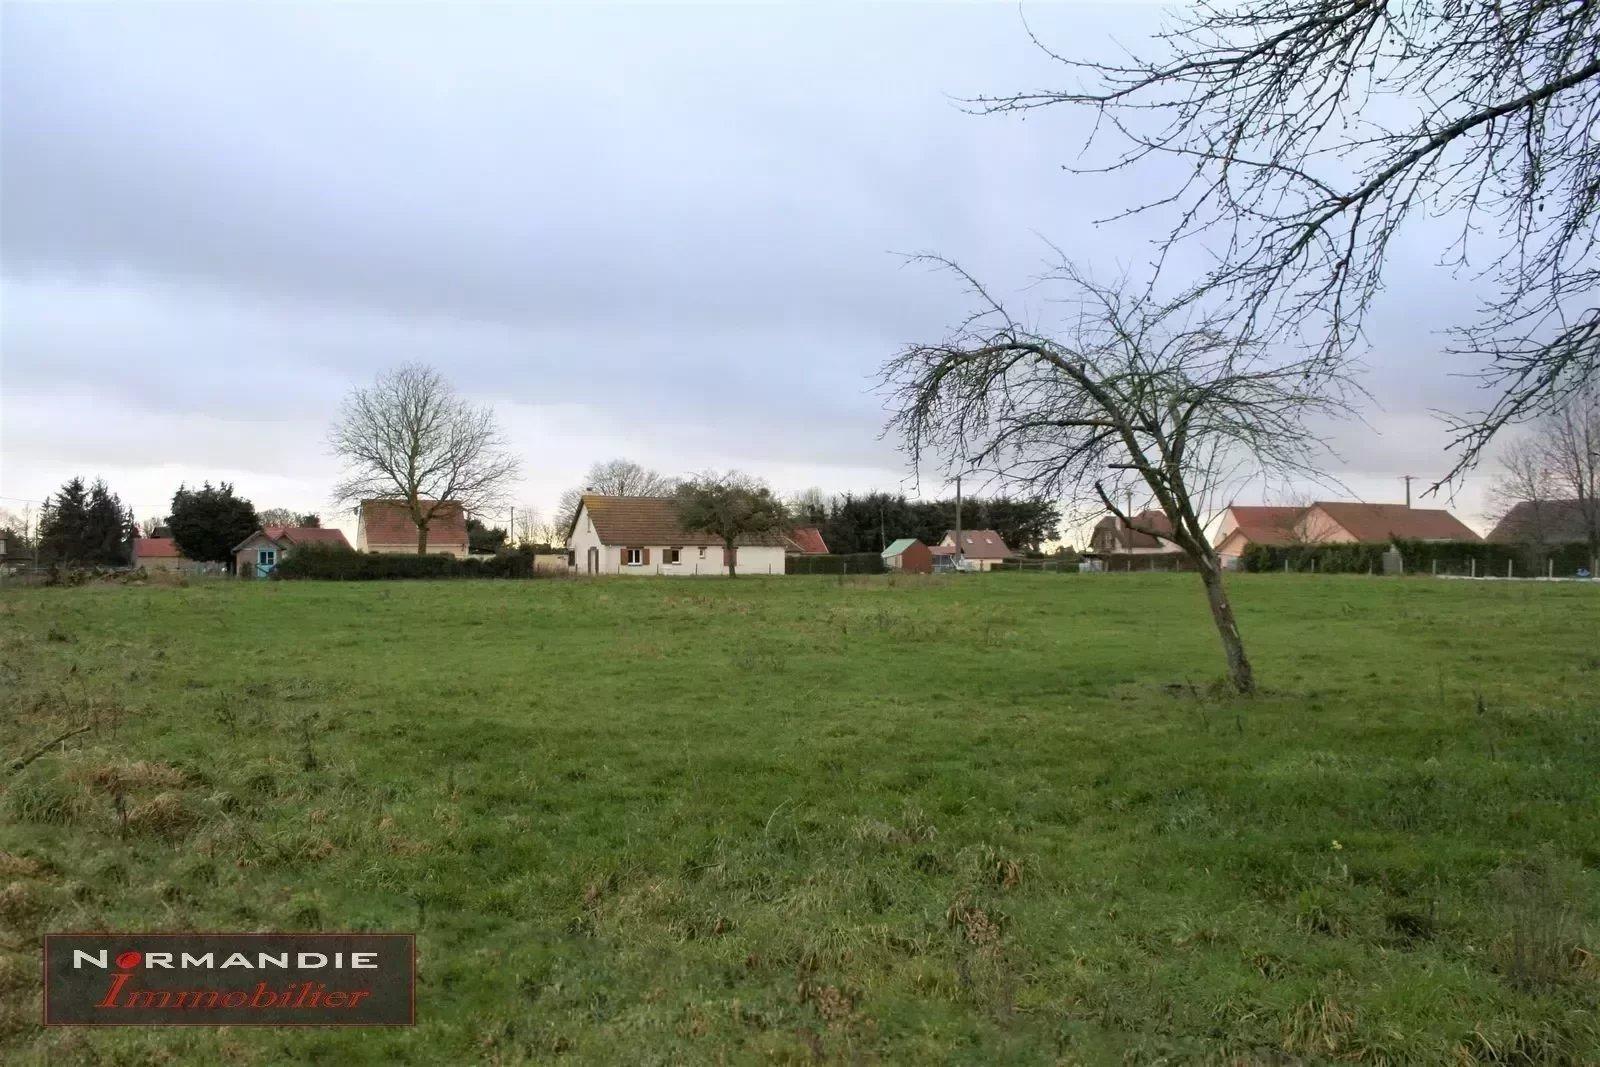 Terrains plats à bâtir viabilisés à partir de 39 900 euros à 20 mn de Rouen